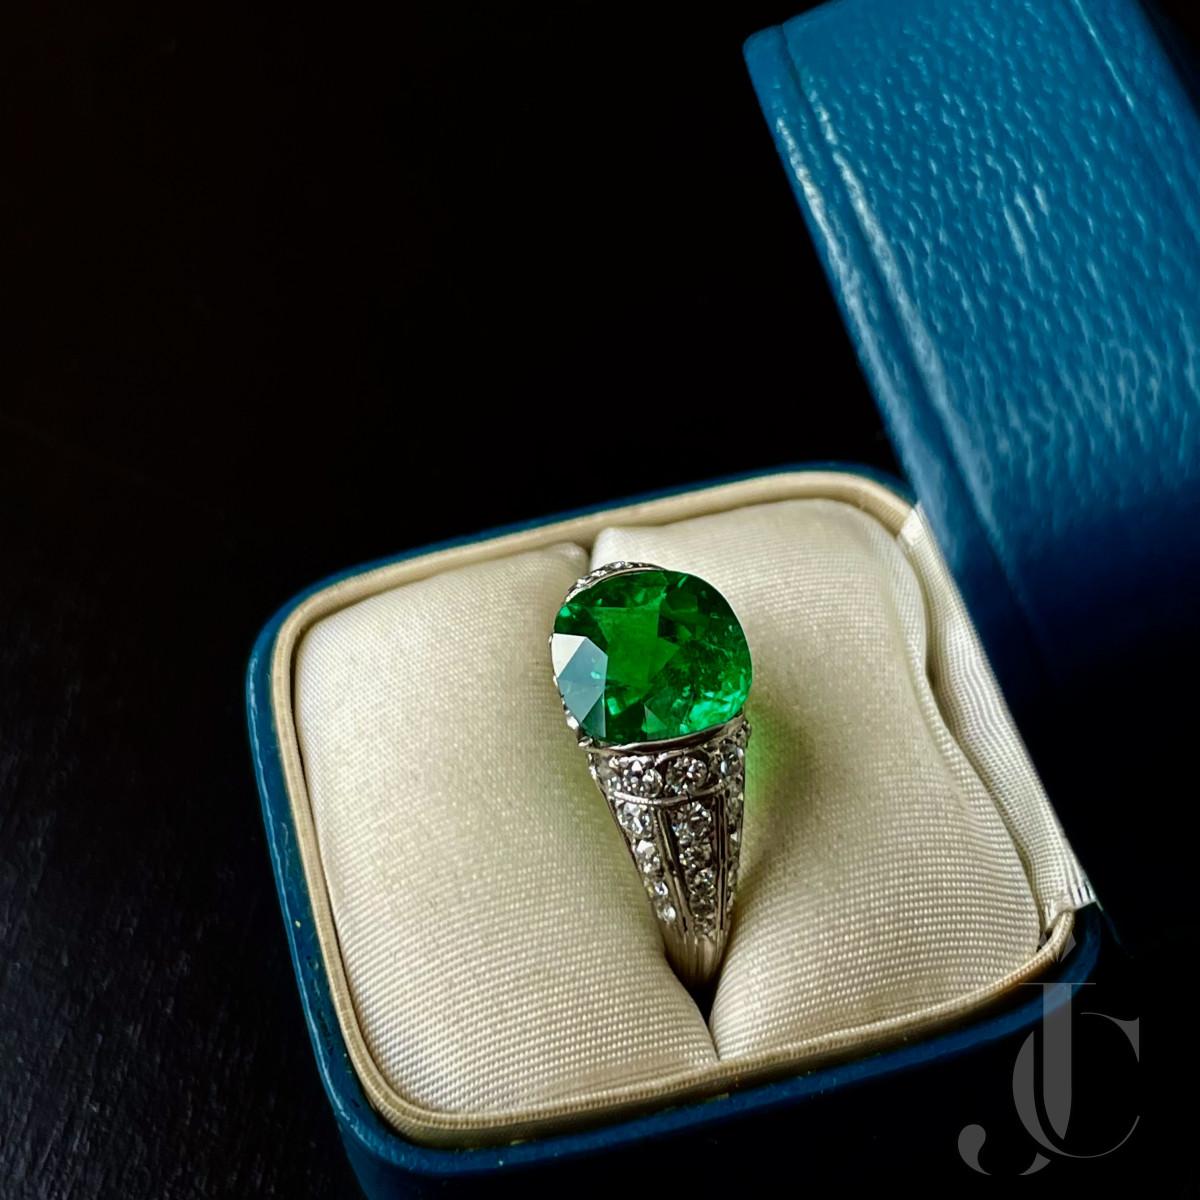 Tiffany early deco un-enhanced emerald ring